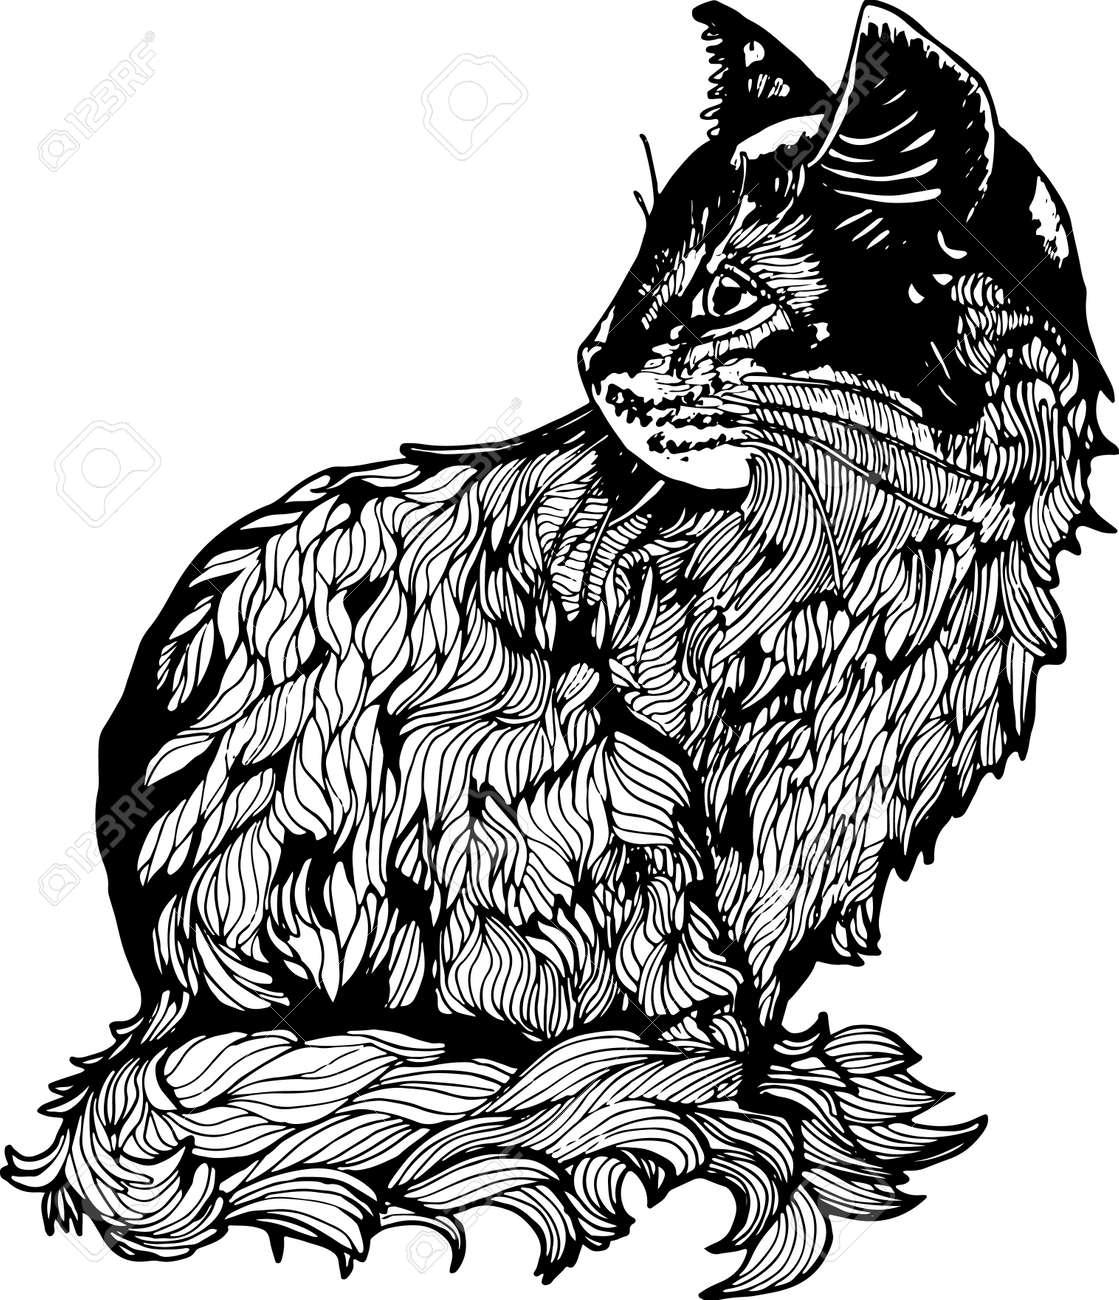 Una Ilustración De Un Gato De Perfil Dibujo Blanco Y Negro De Un